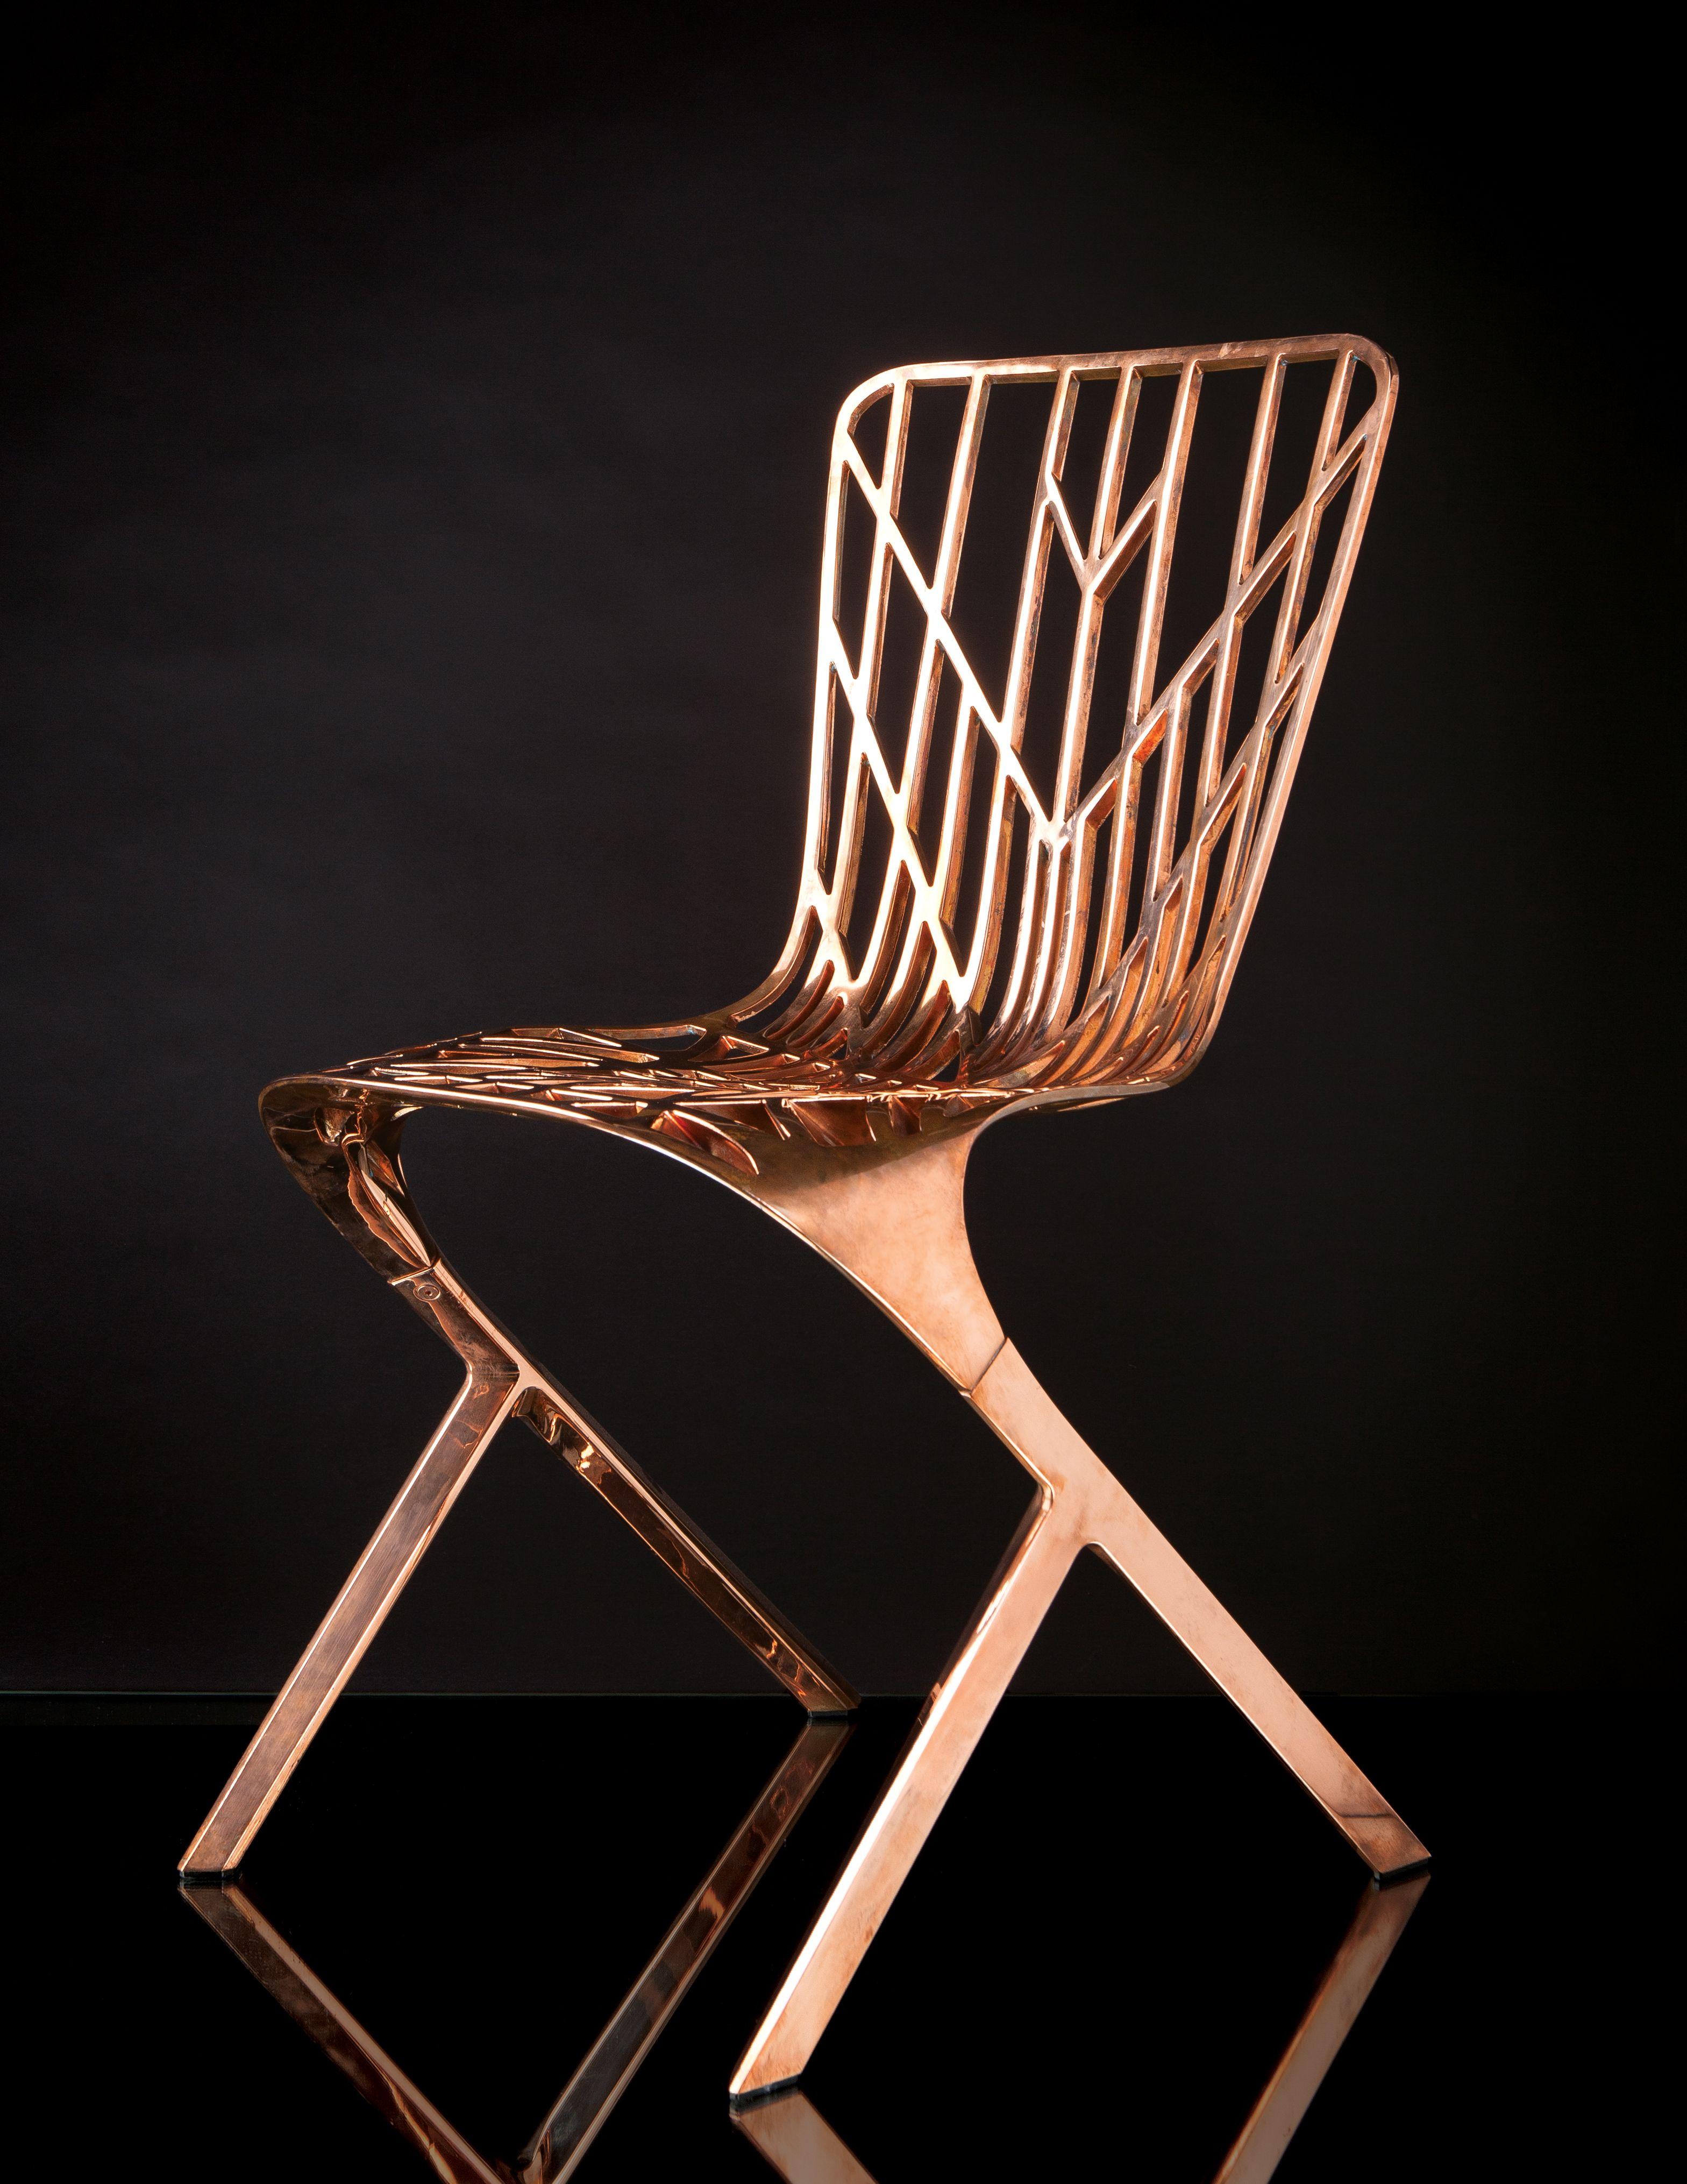 sculptural seating knoll washington skeleton chair from vertigo